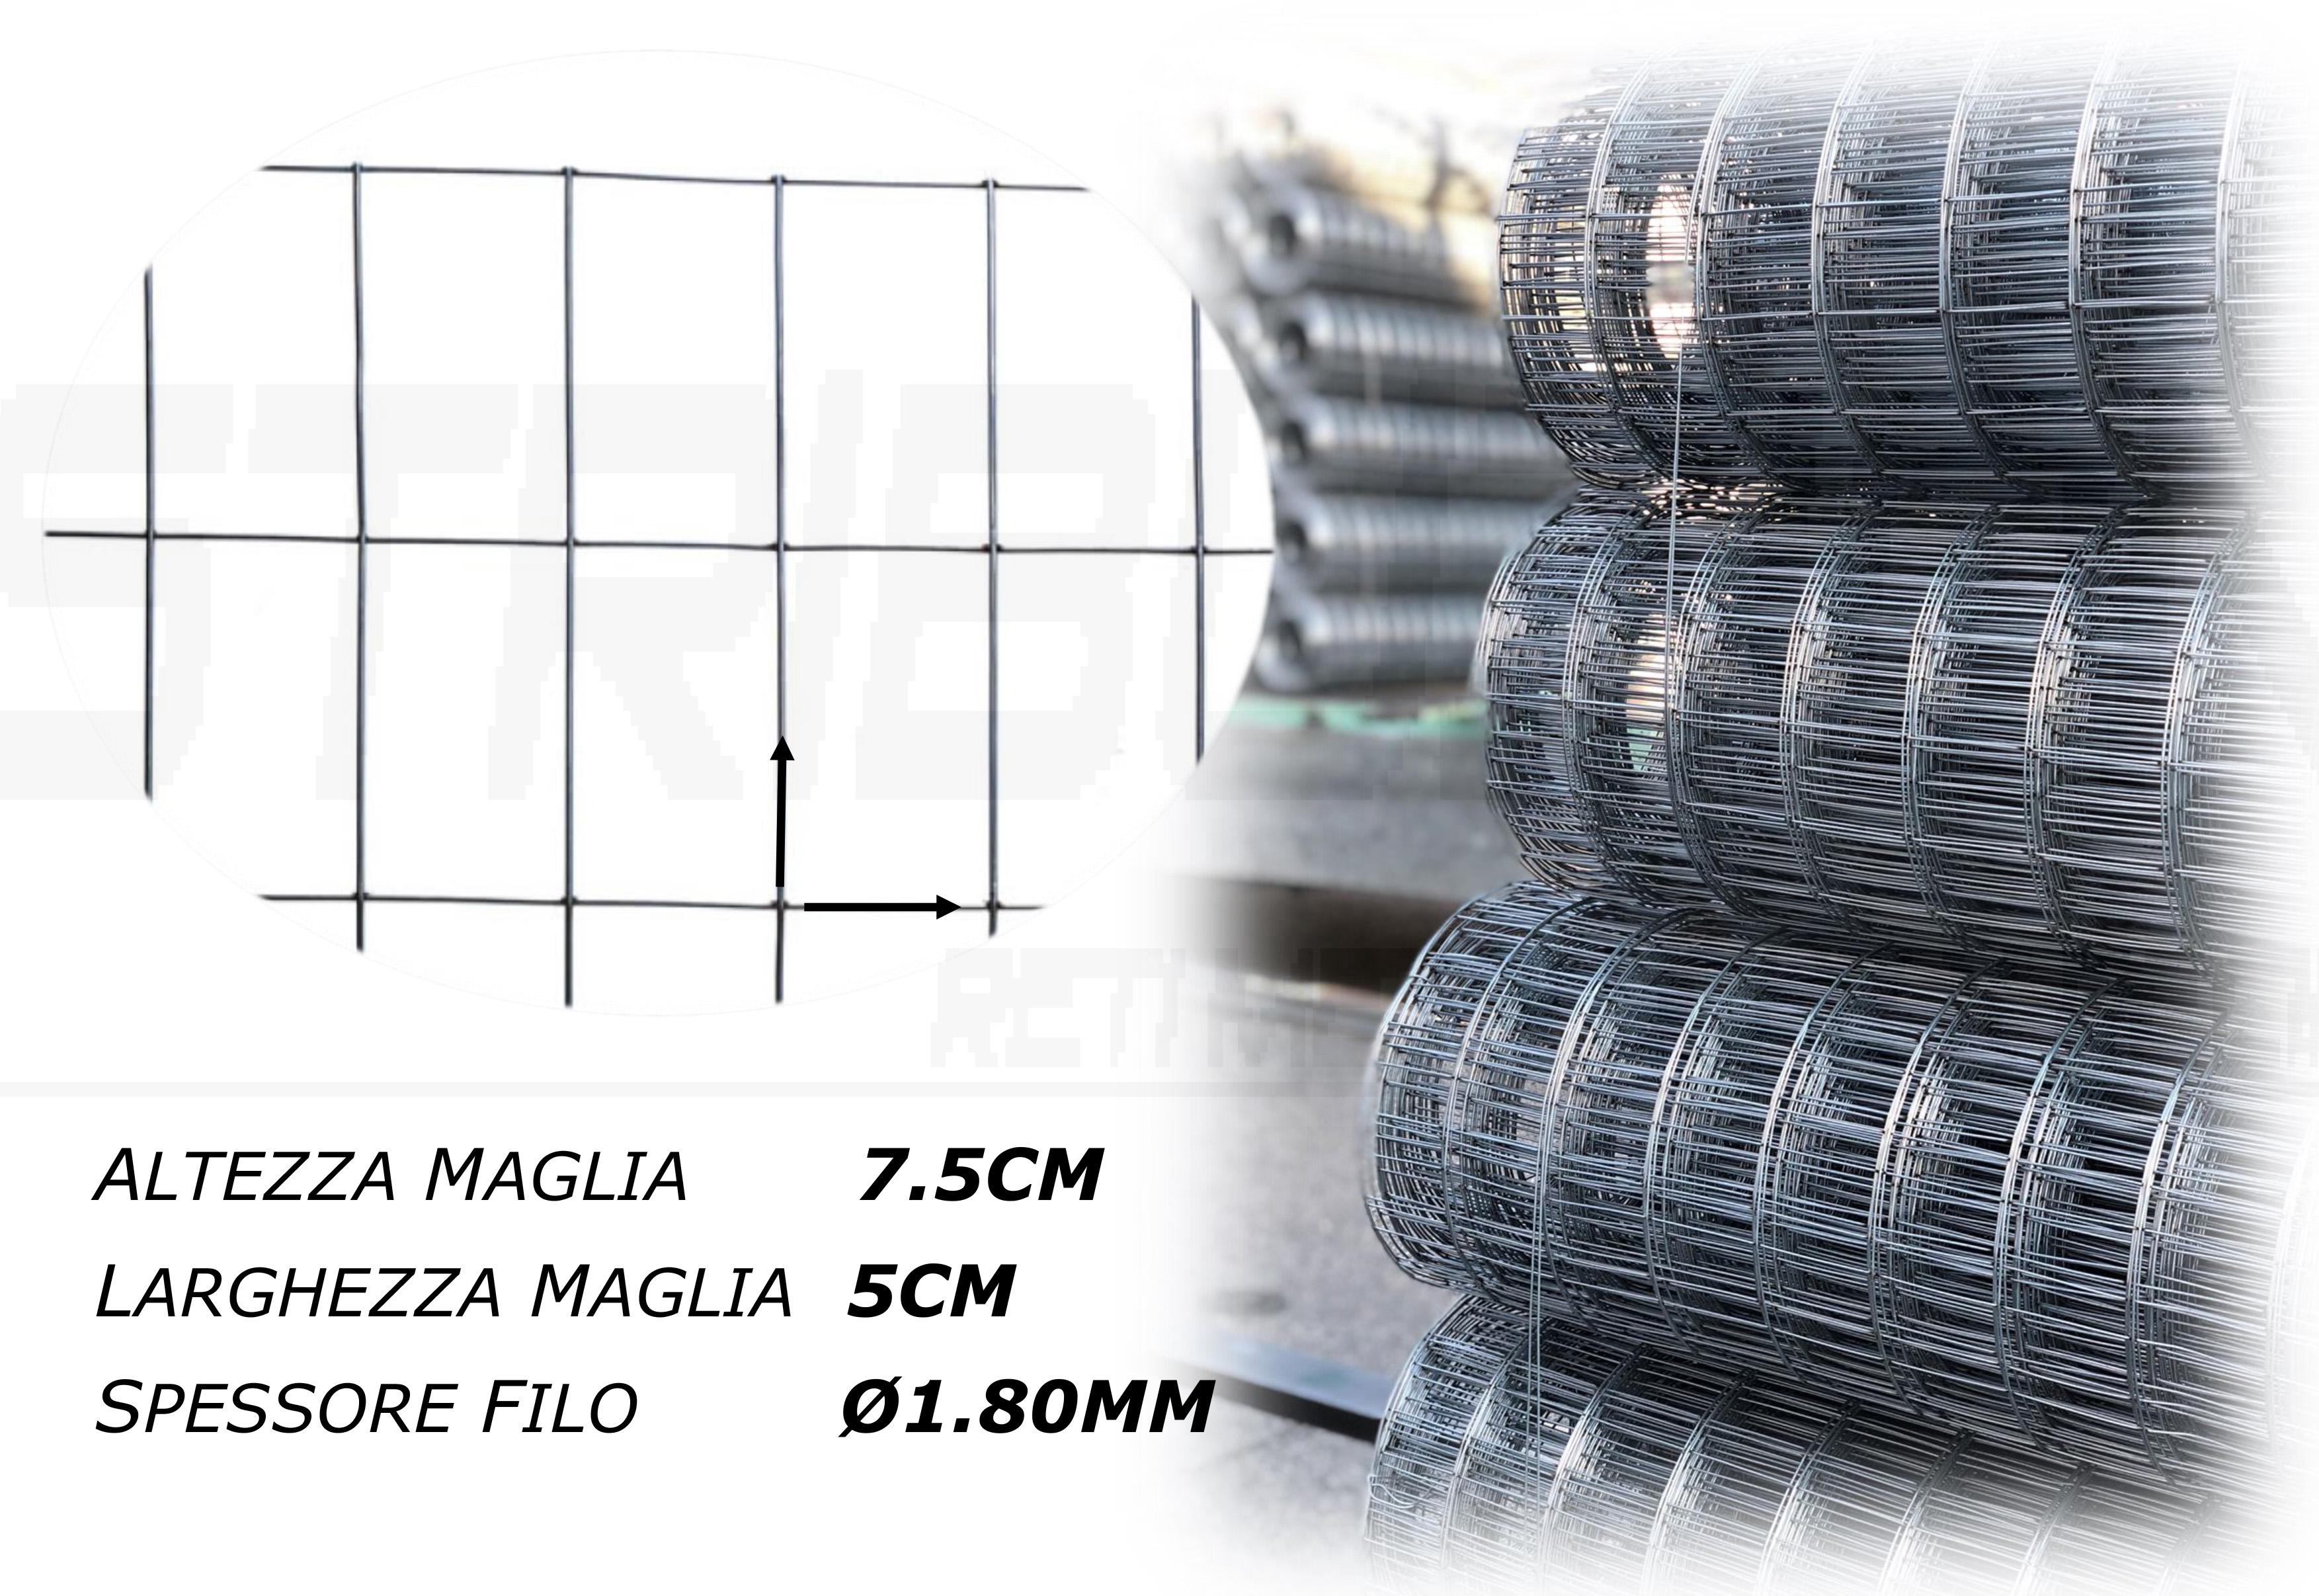 spessore filo 1.80mm